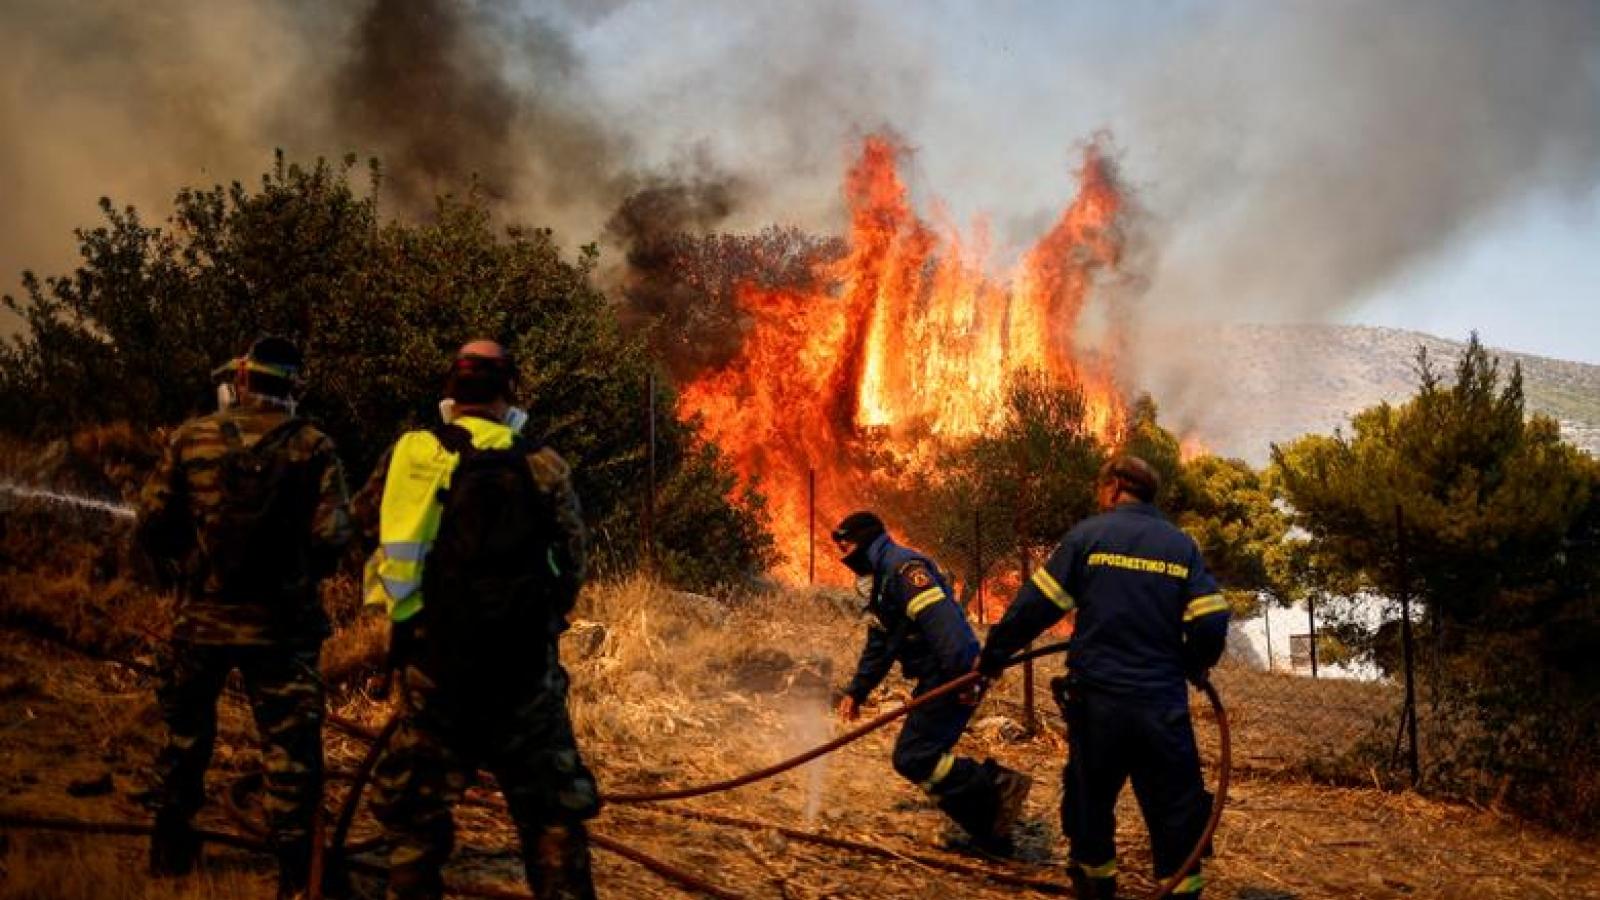 """Châu Âu """"quay cuồng"""" với nắng nóng kỷ lục và hàng chục nghìn vụ cháy rừng"""